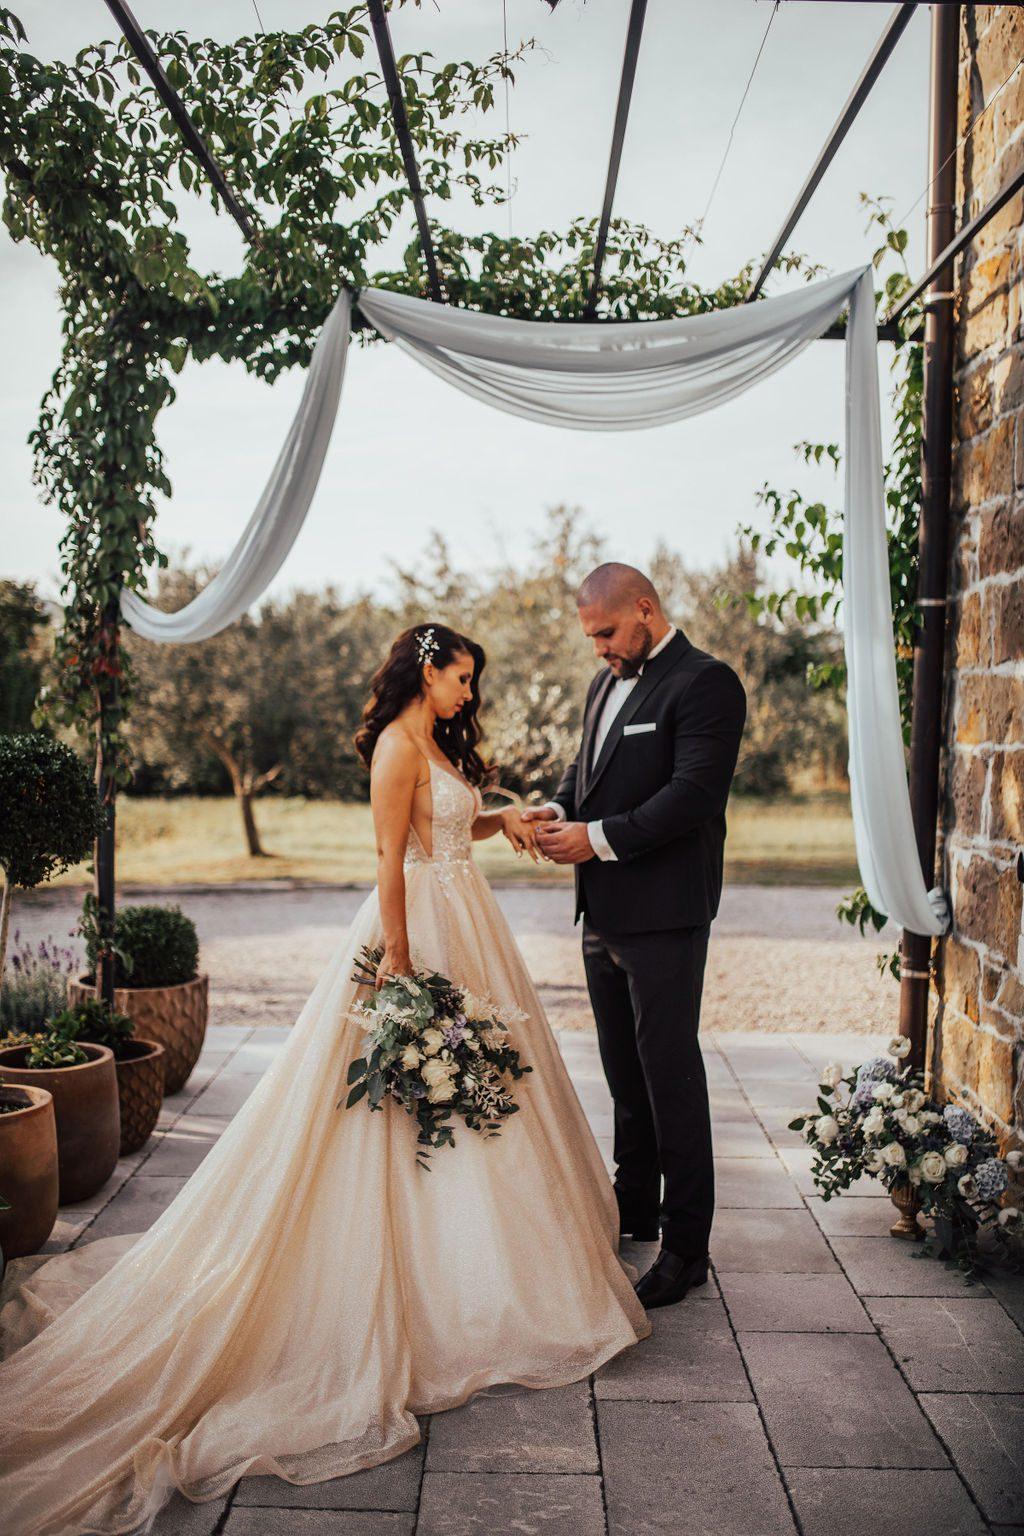 Wedding couple exchanging wedding rings.